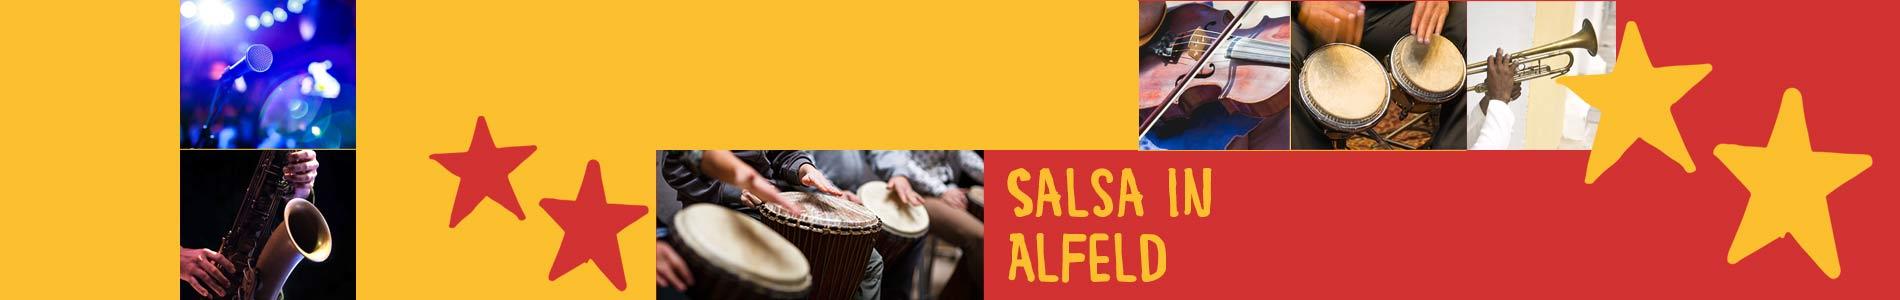 Salsa in Alfeld – Salsa lernen und tanzen, Tanzkurse, Partys, Veranstaltungen